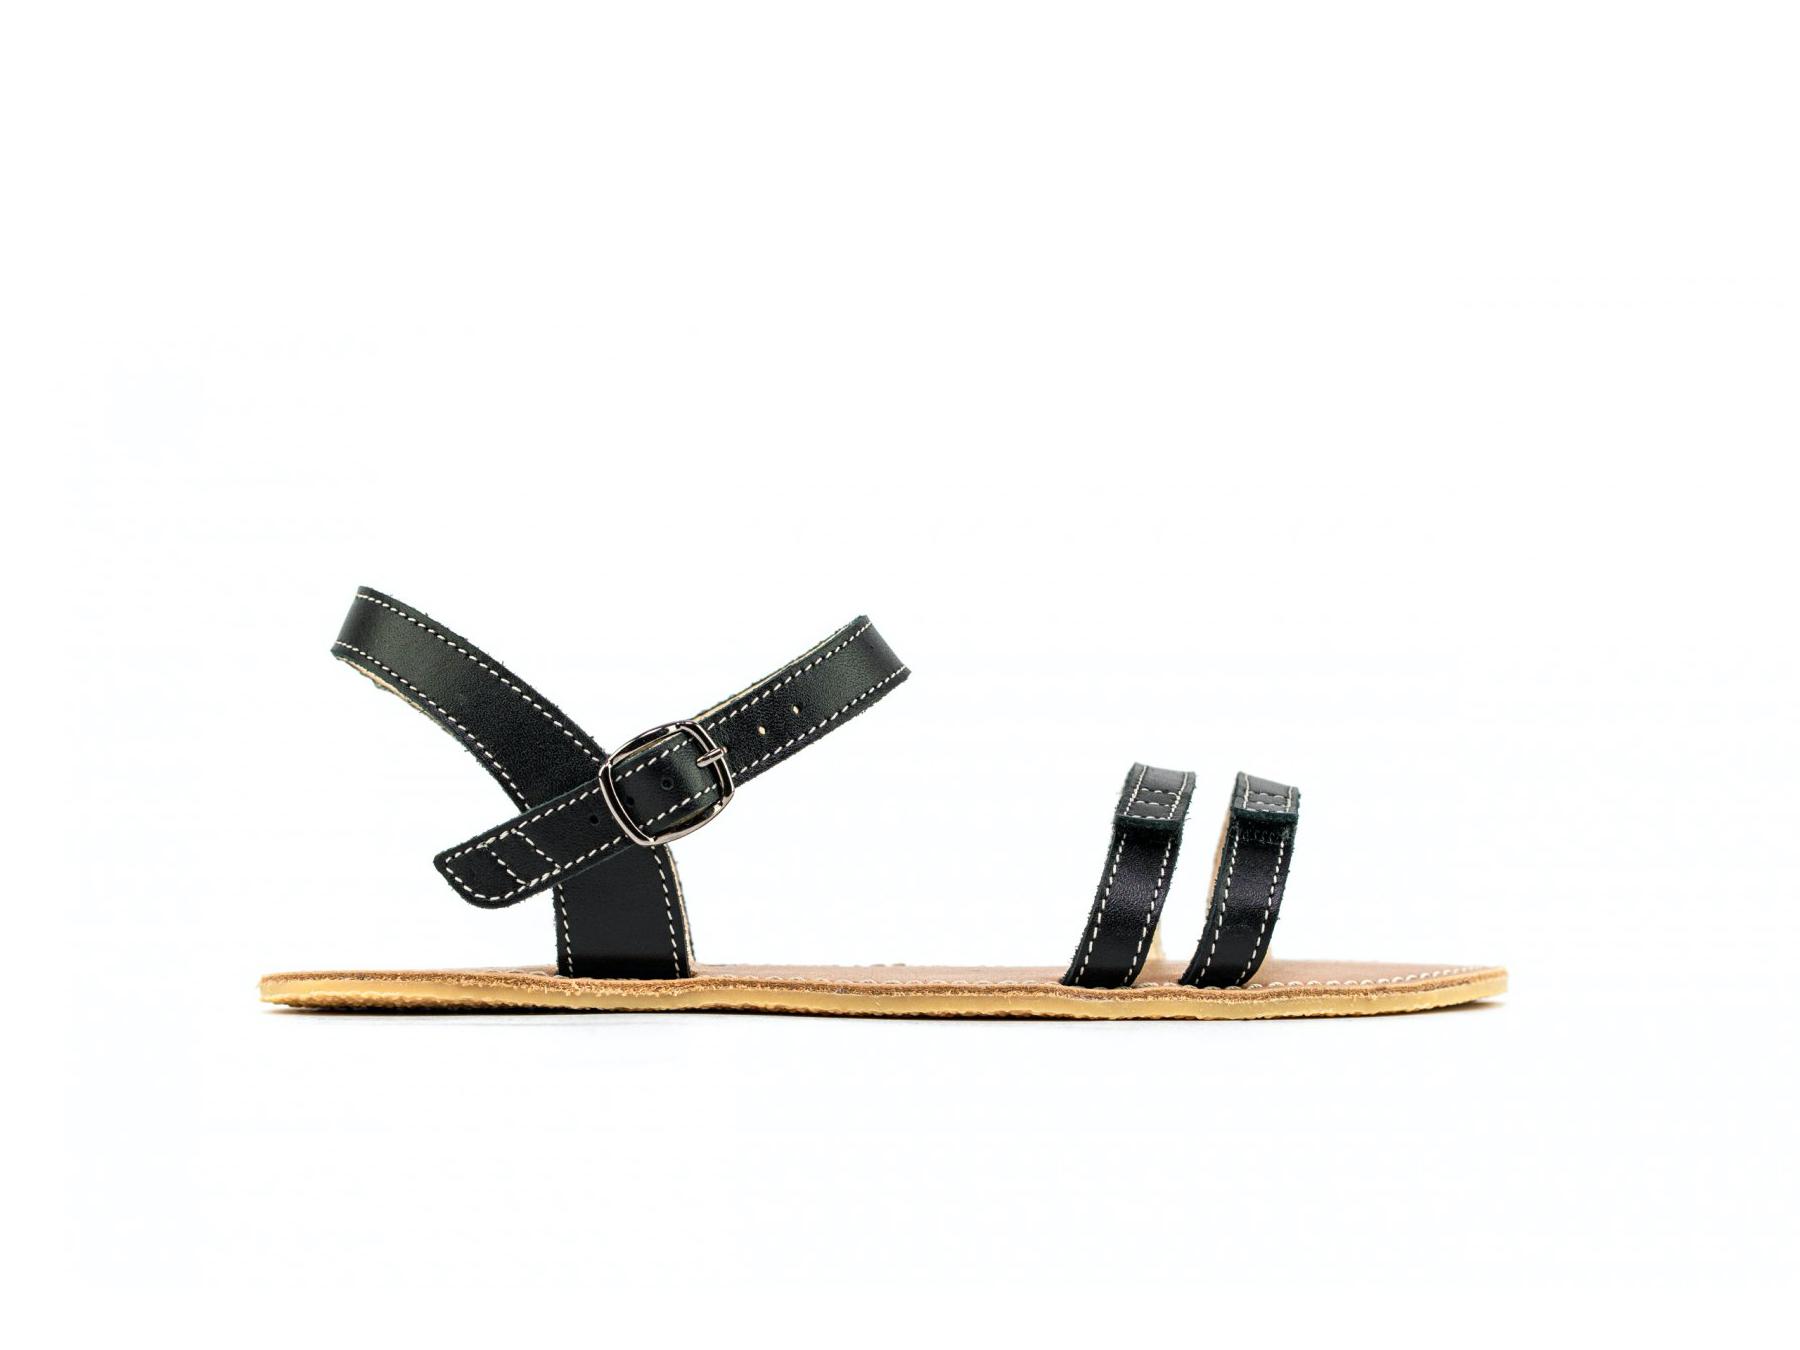 Barefoot Sandals - Be Lenka Summer - Black 38